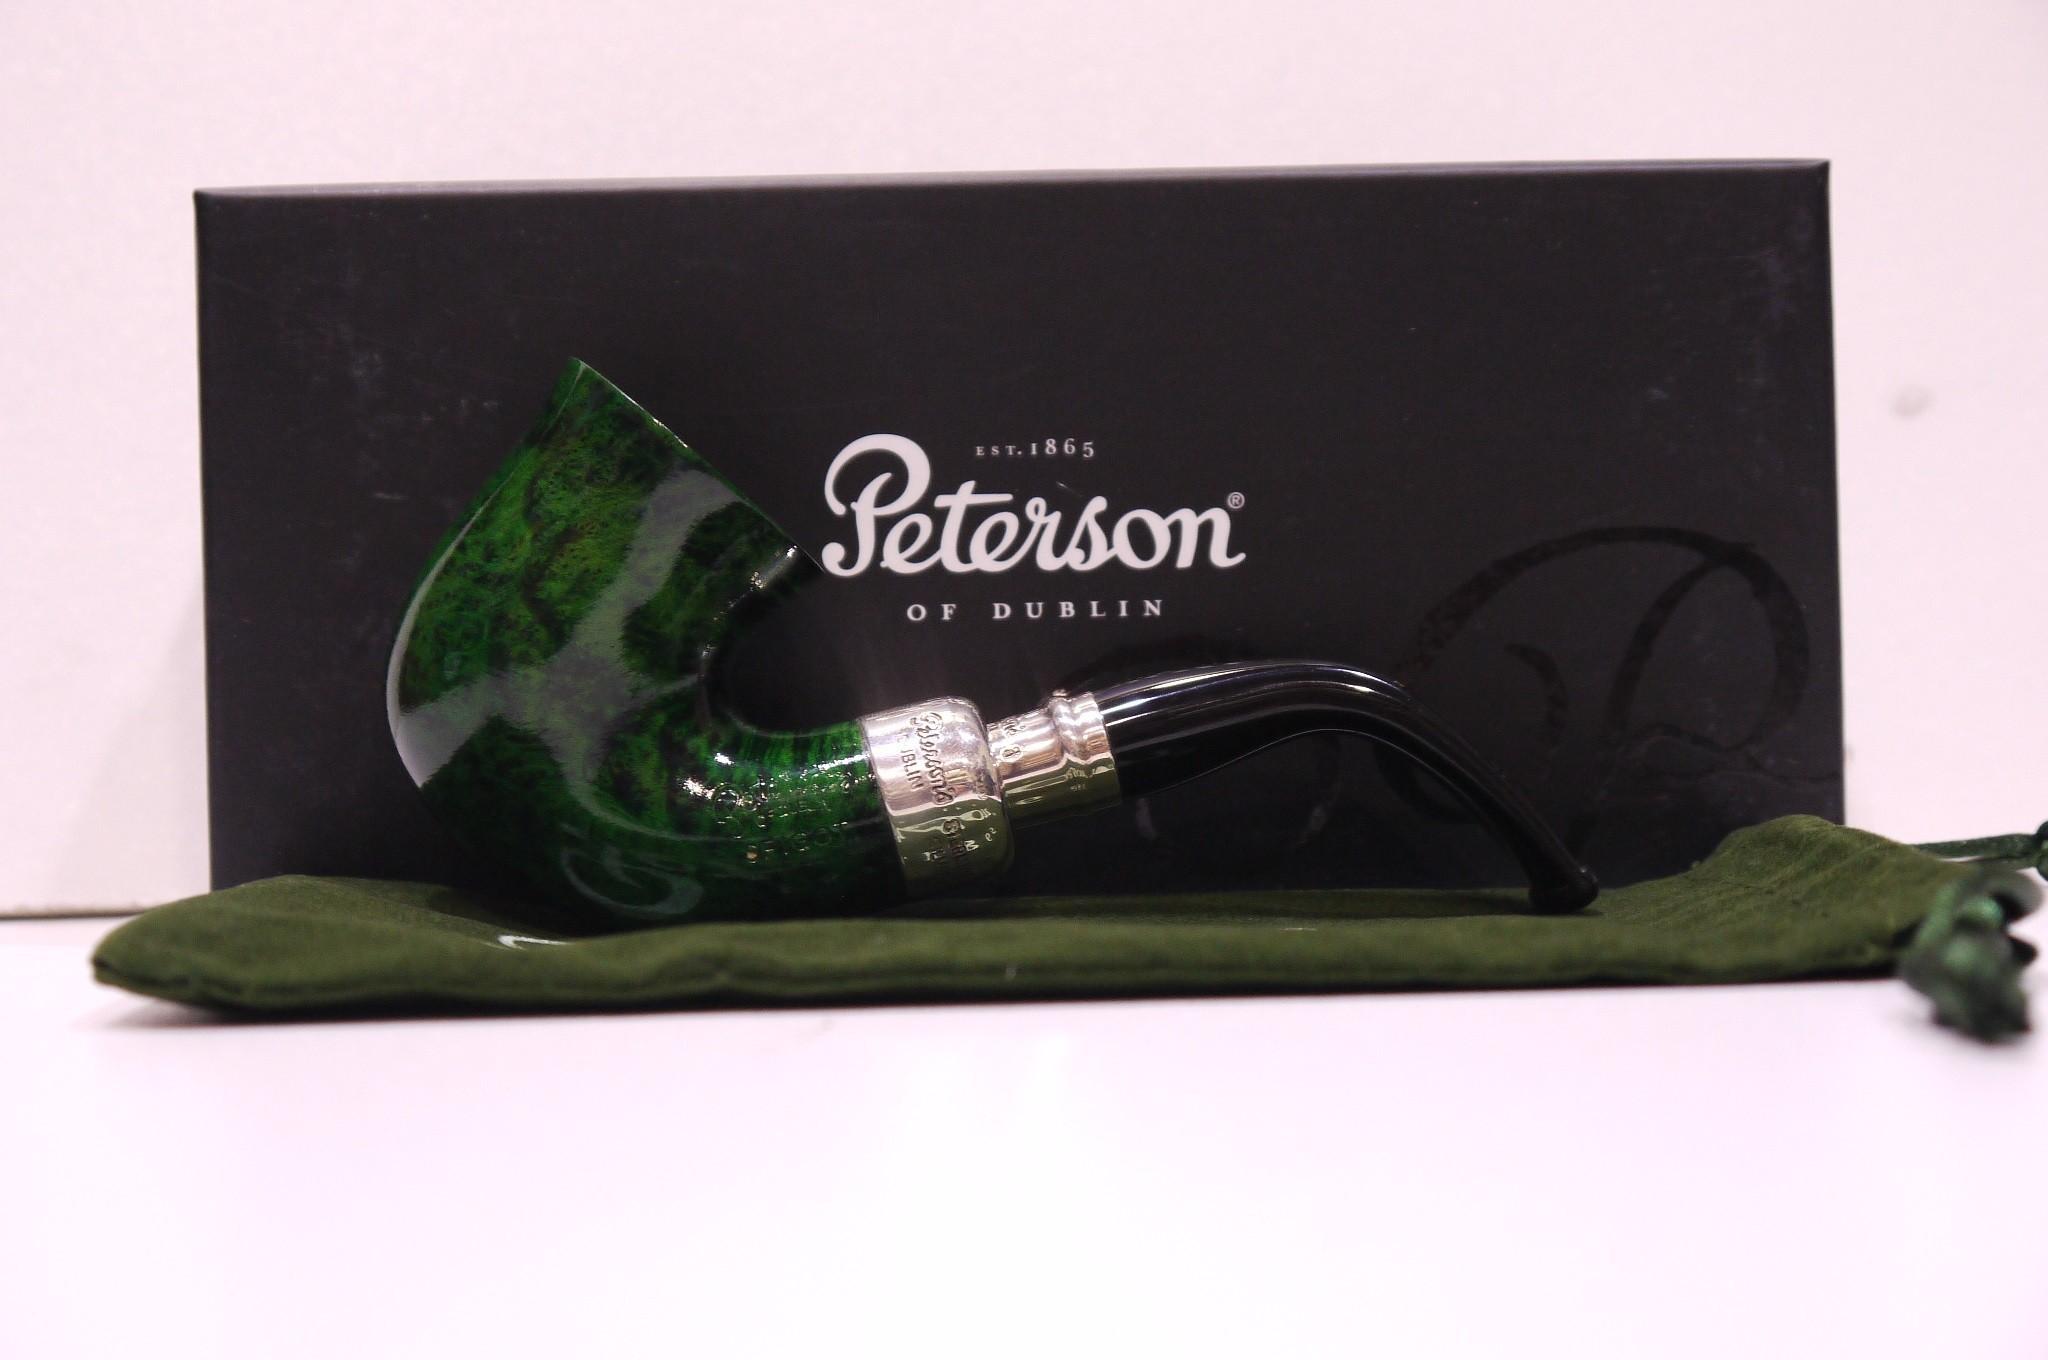 Peterson Spigot Tobacco Pipe 05